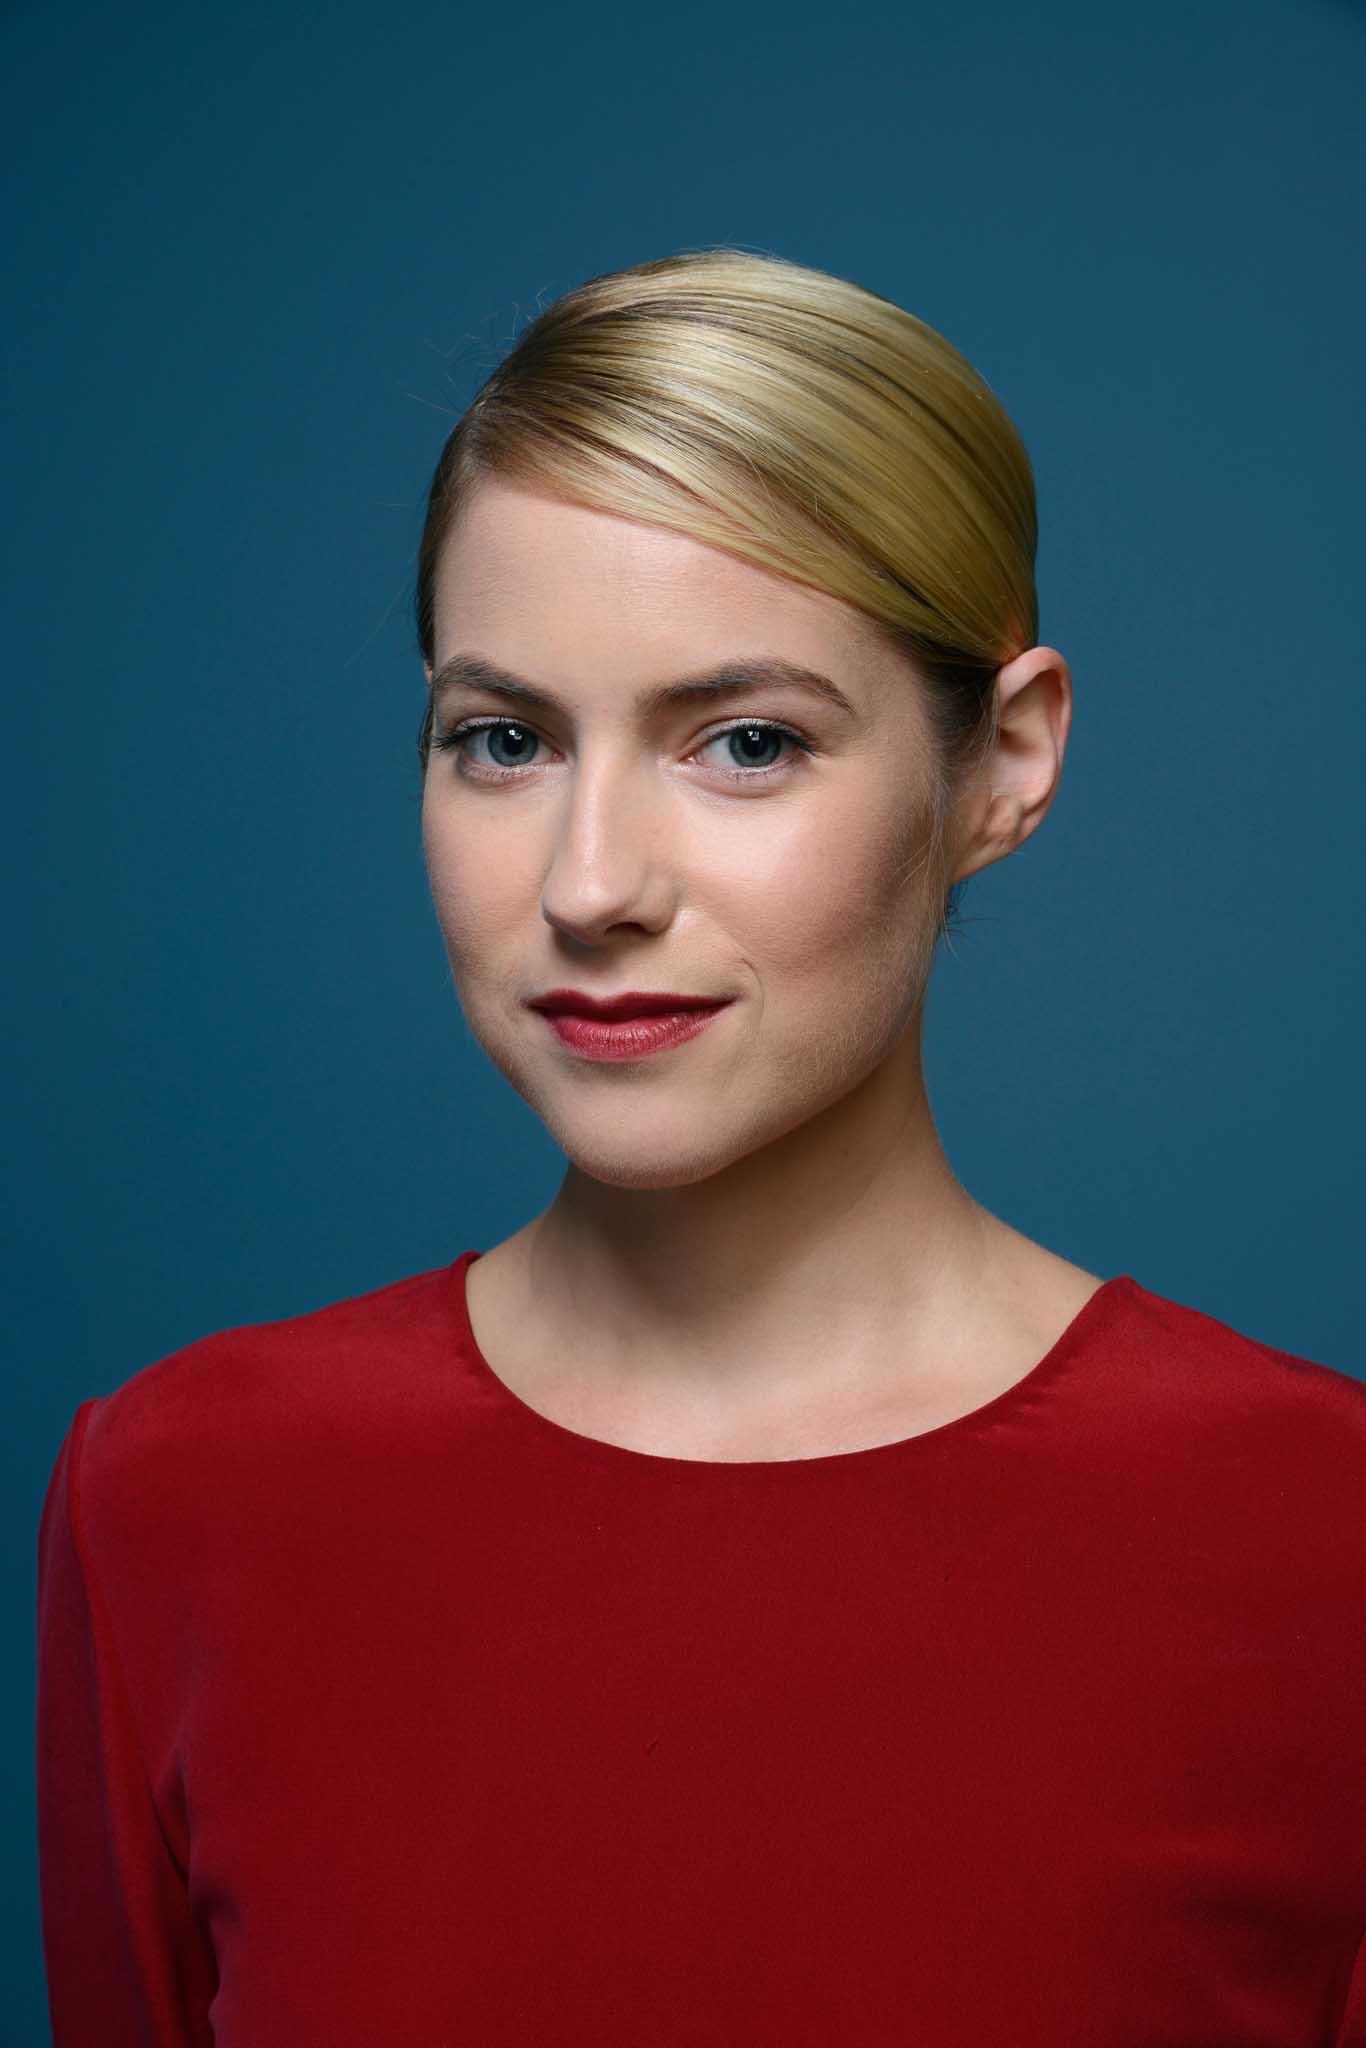 Laura Ramsey | Full Bio, Movies, Instagram, Net worth 2021